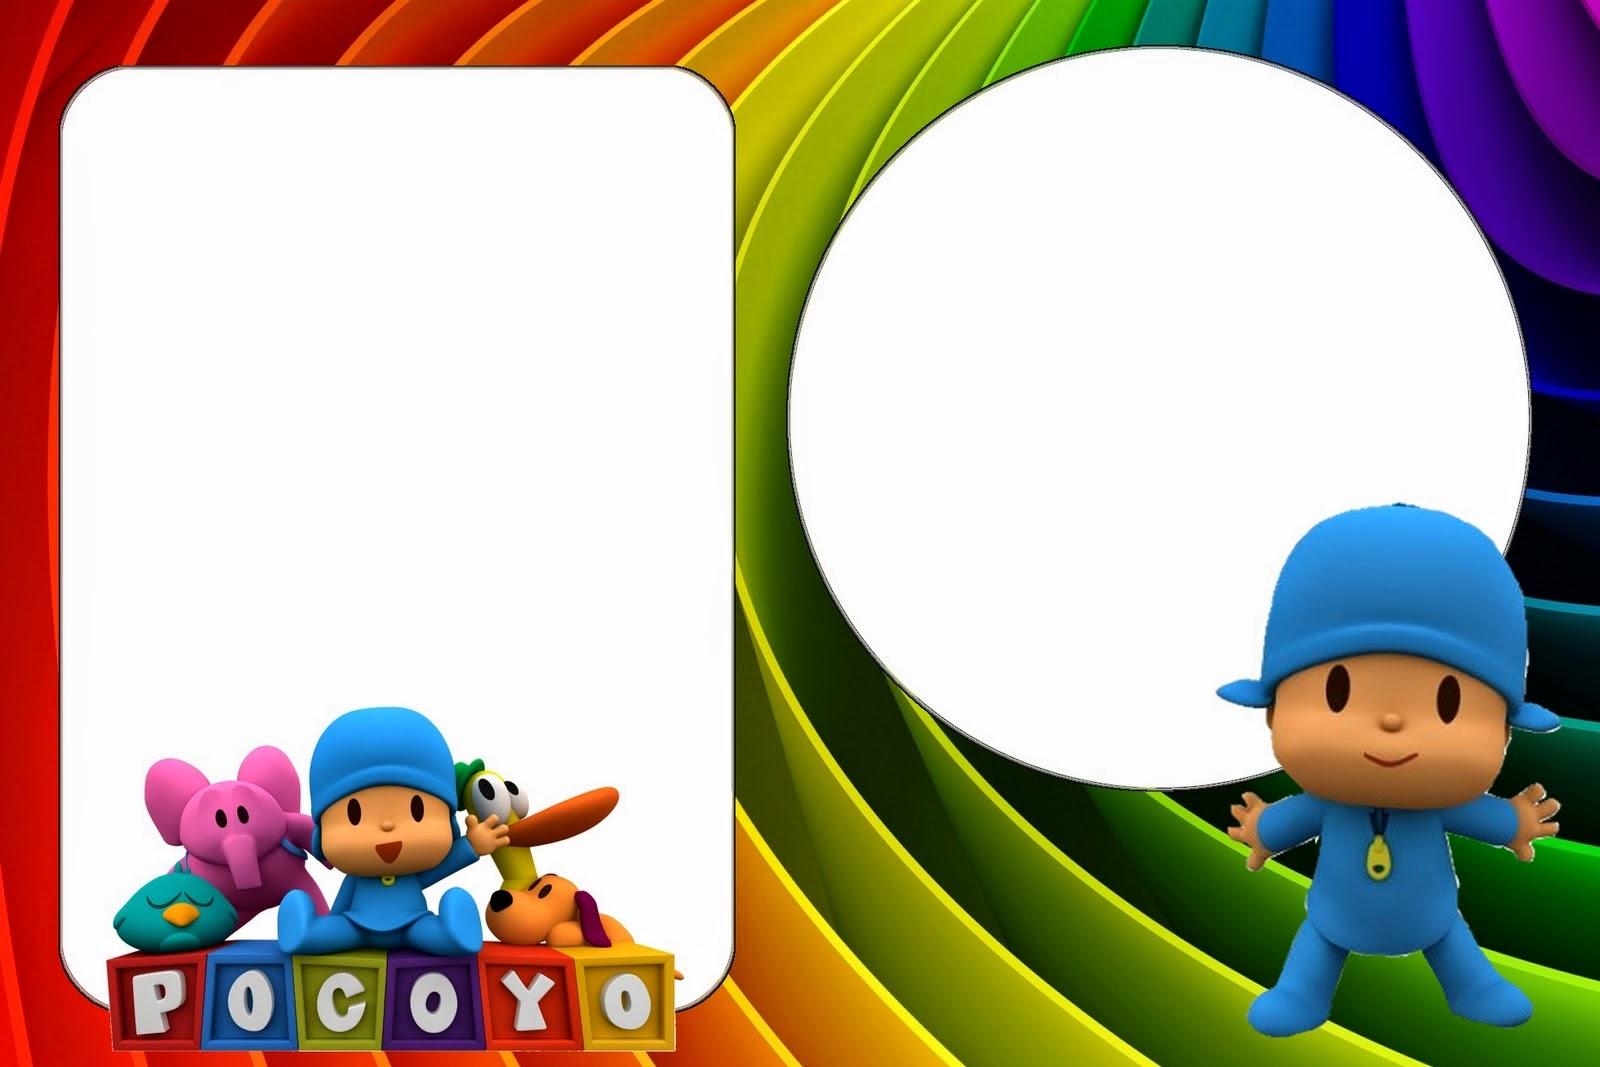 Para hacer invitaciones, tarjetas, marcos de fotos o etiquetas, de Pocoyo para imprimir gratis.